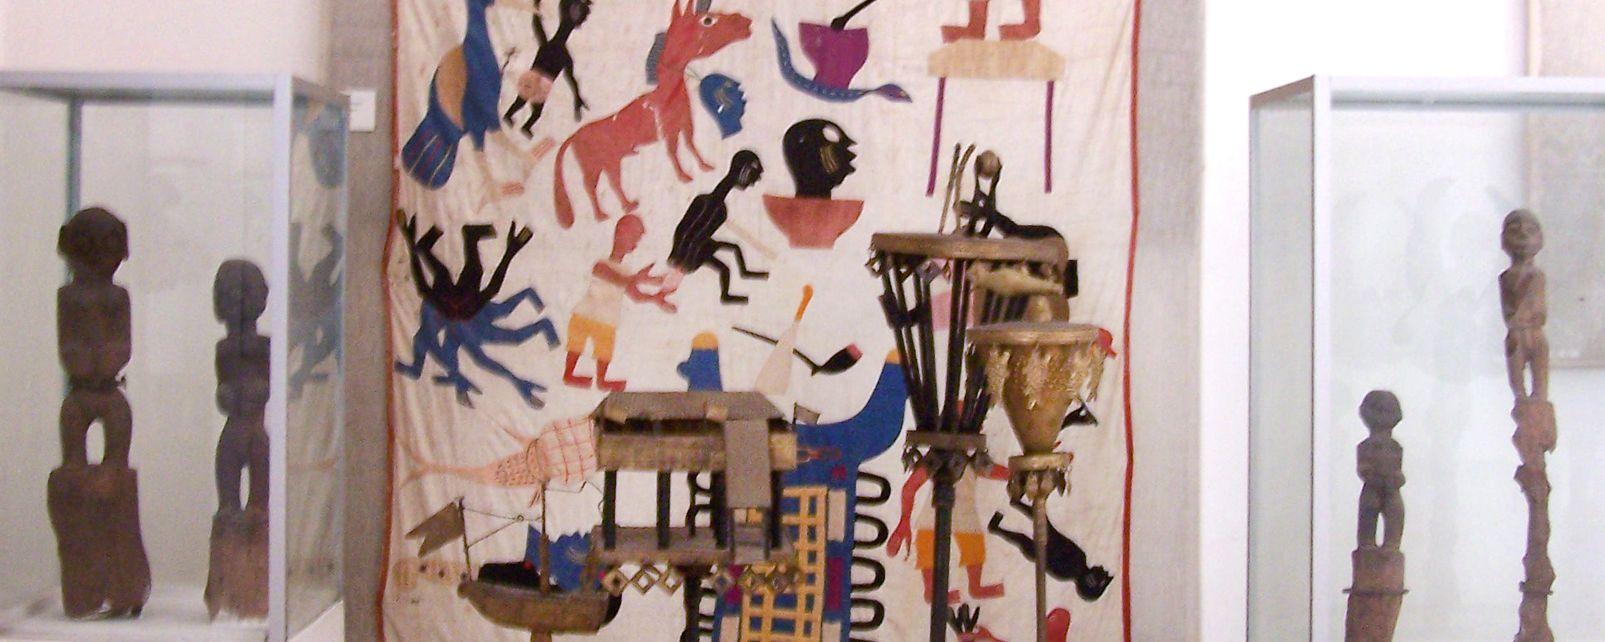 Das IFAN-Museum, Das Museum von Ifan, Die Künste und die Kultur, Senegal